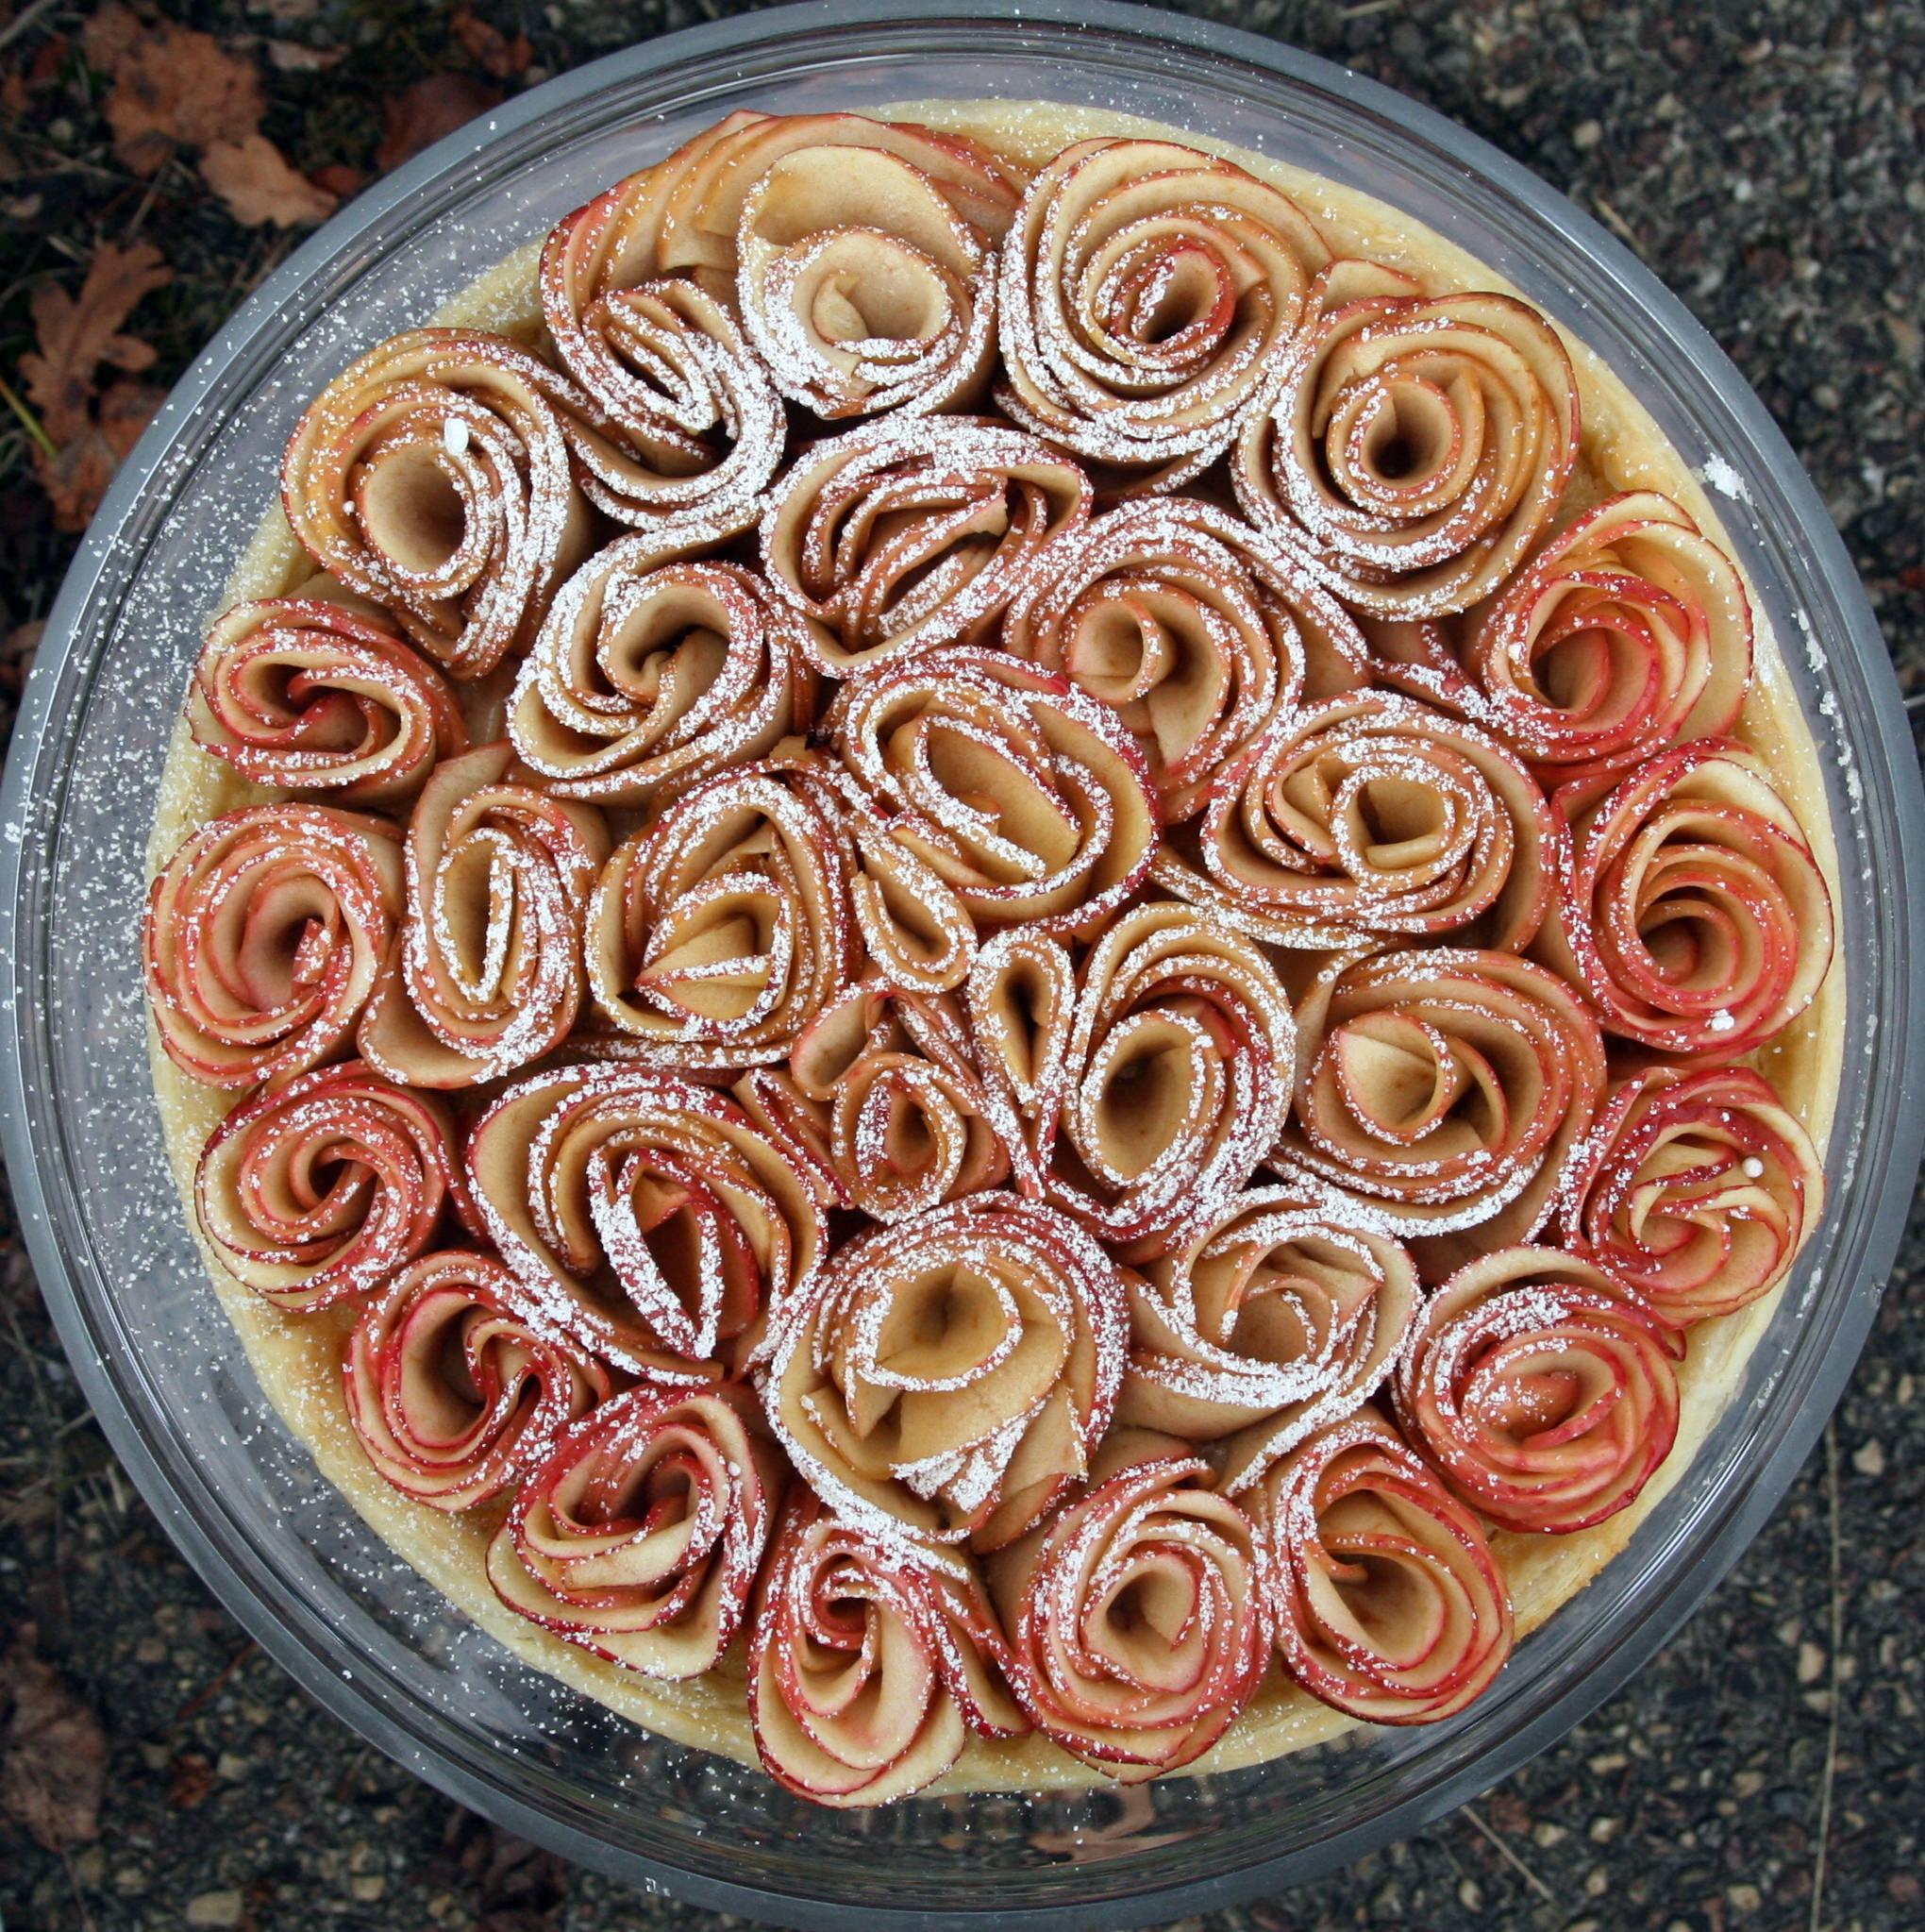 Tarte aux pommes bouquet de roses à la crème d'amandes